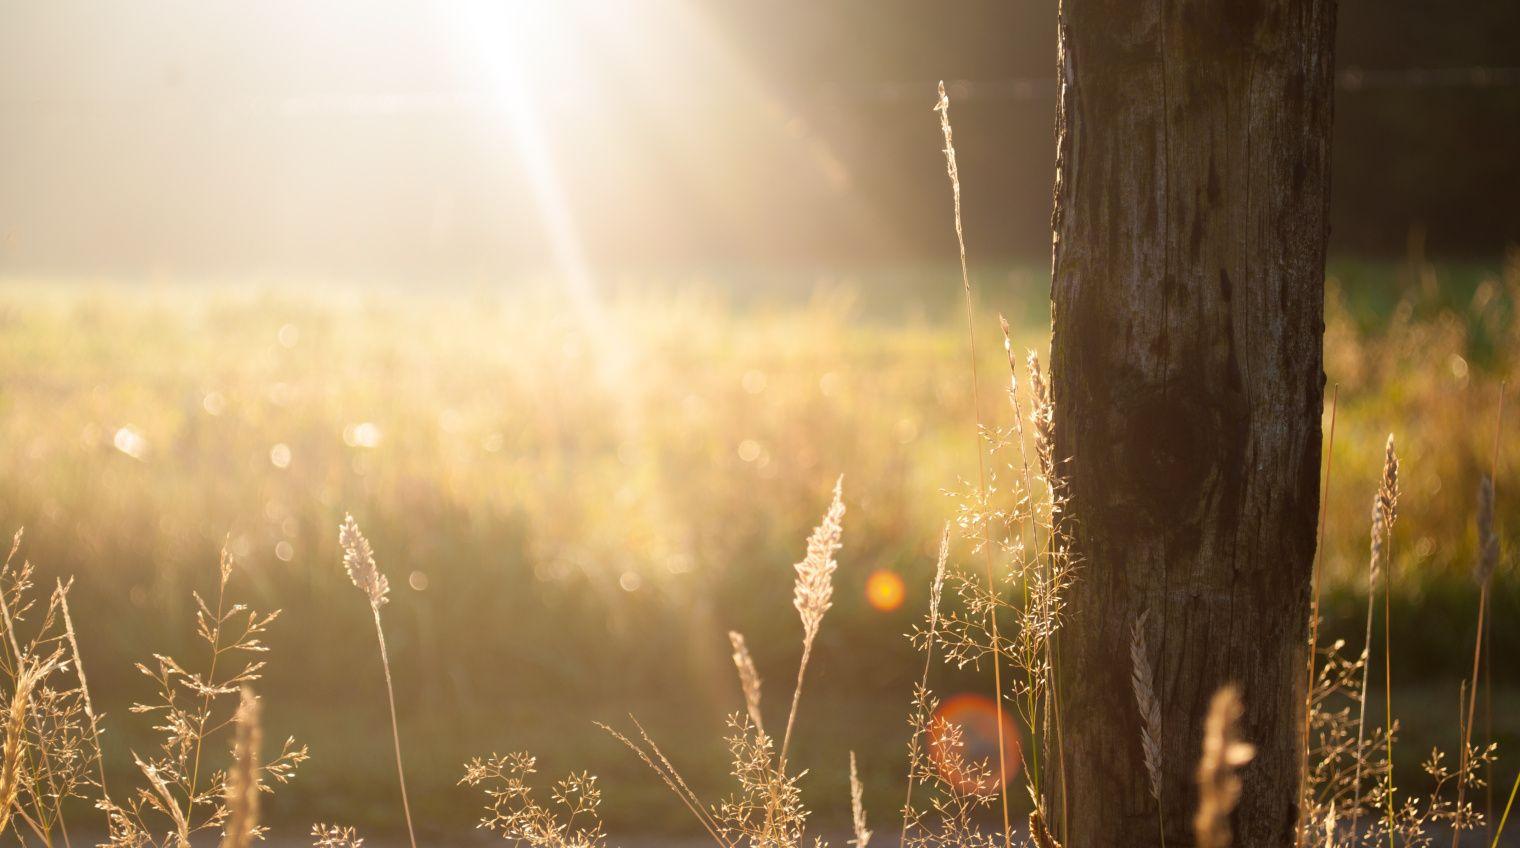 De zon komt er heel af en toeal eens door en dan is het fijn om evenbuiten te stappen en een frisse neus te halen. Zo ook in Blogland. Kom, trek je gemakkelijke schoenen aan, neem snel je jas, we…